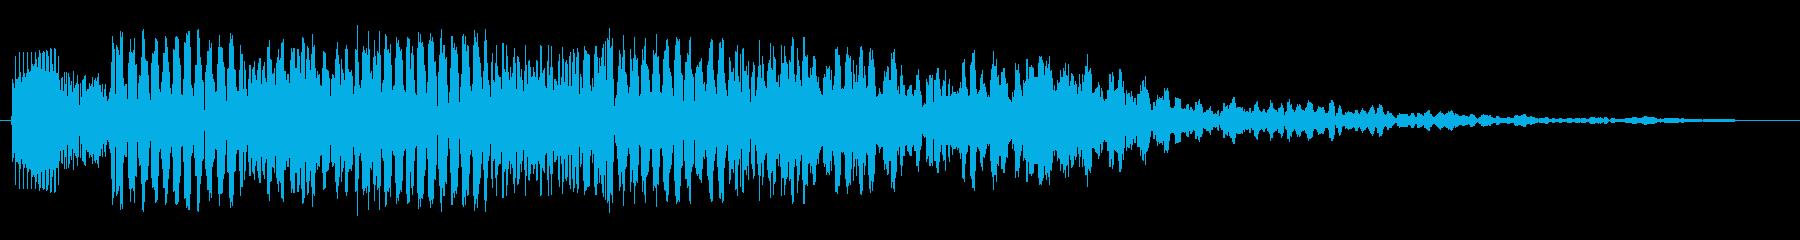 ピローリローポロン ピーピローポロンの再生済みの波形